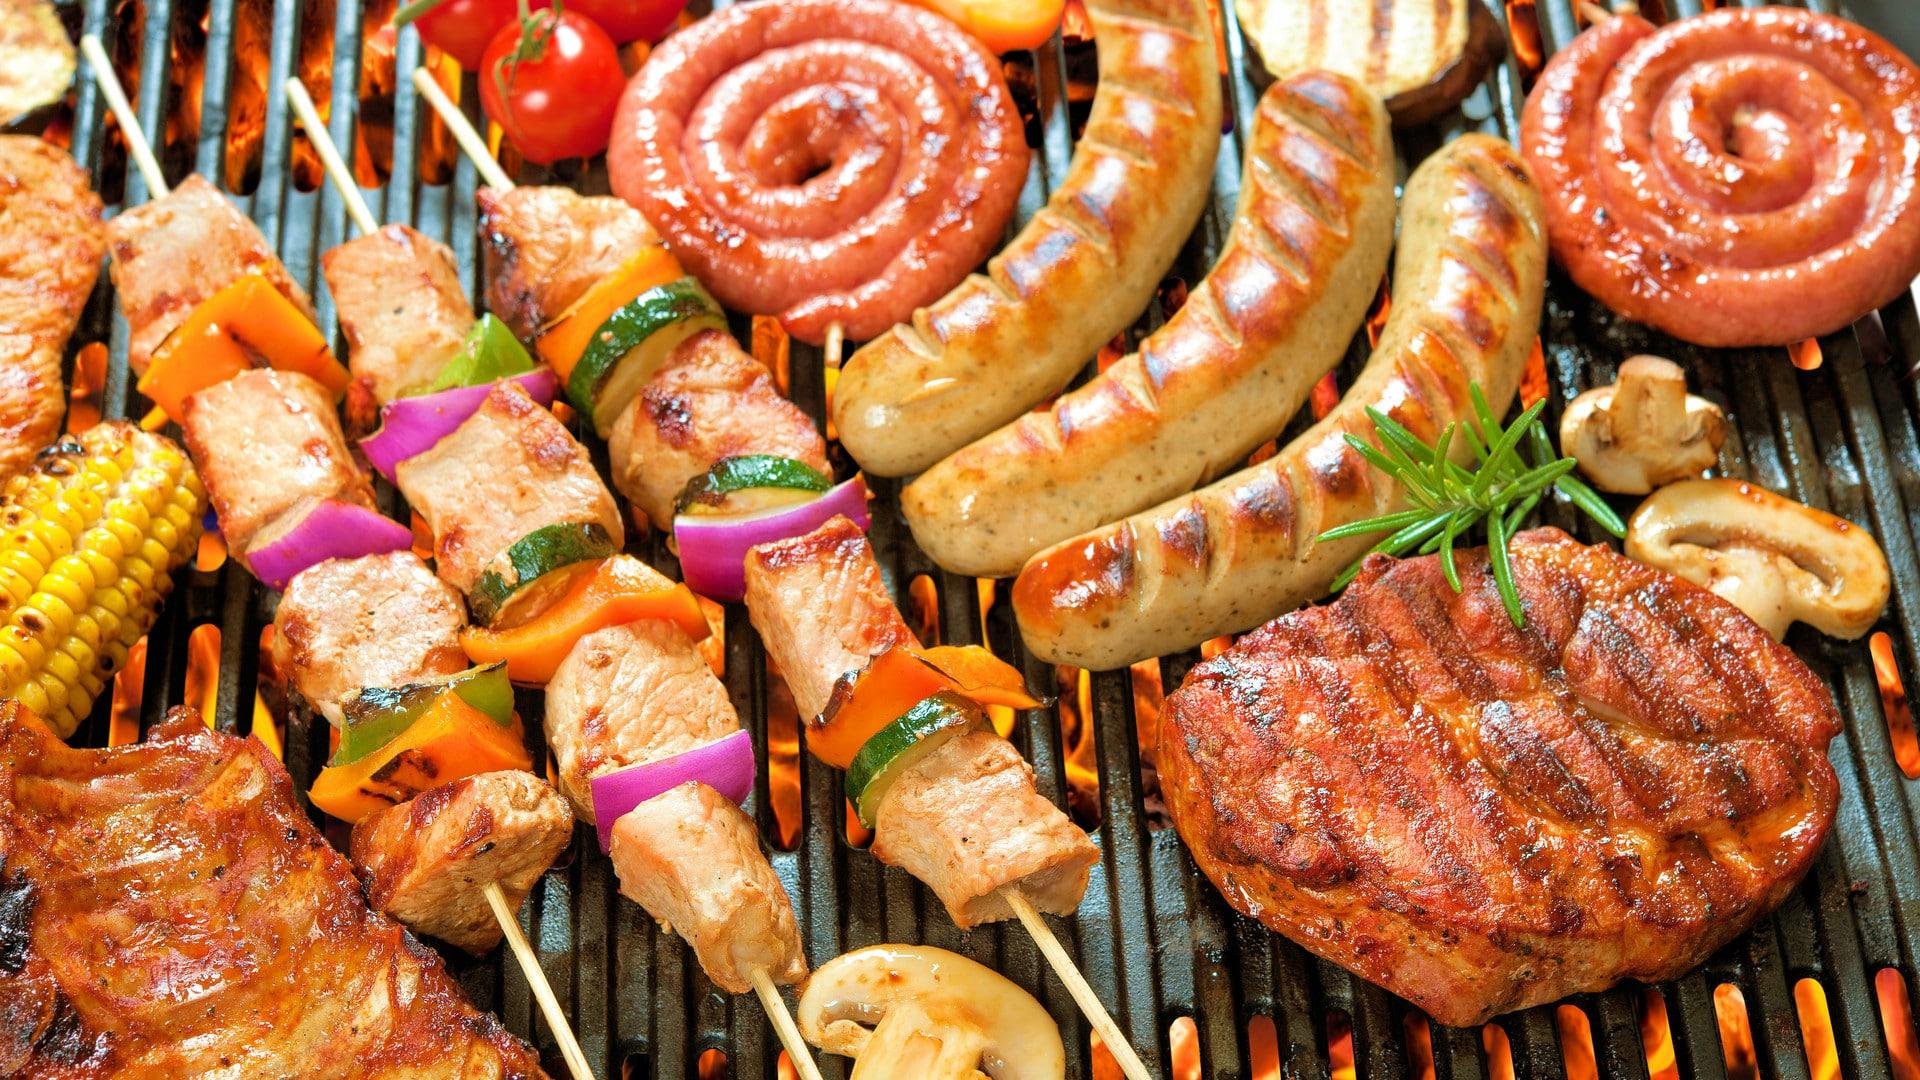 出張ケータリング屋台バーベキュー社内向けファミリーパーティー鉄板焼き料理プラン #4